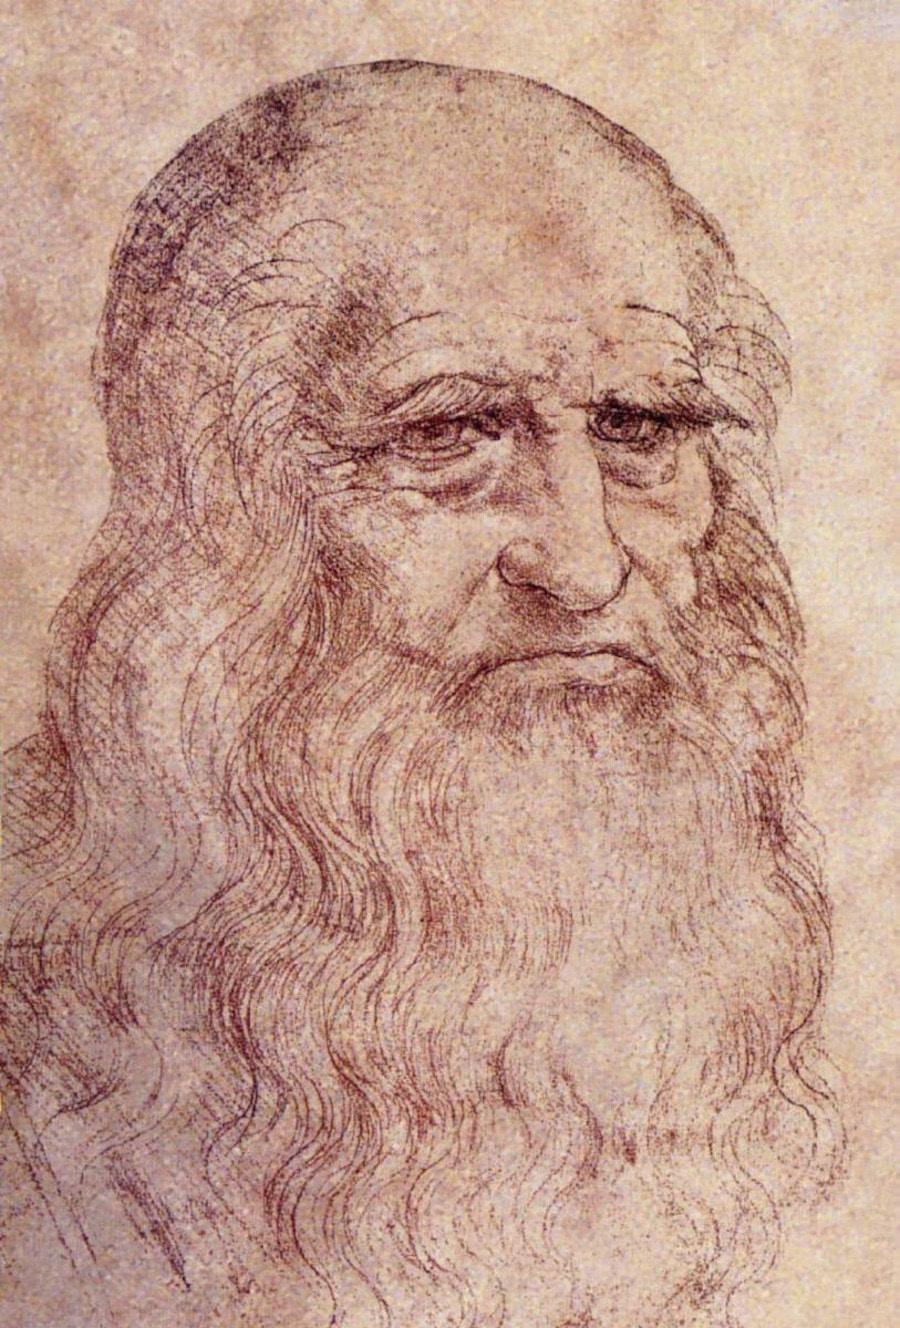 freeuse stock Drawing portrait famous. Self portraits show portraiture